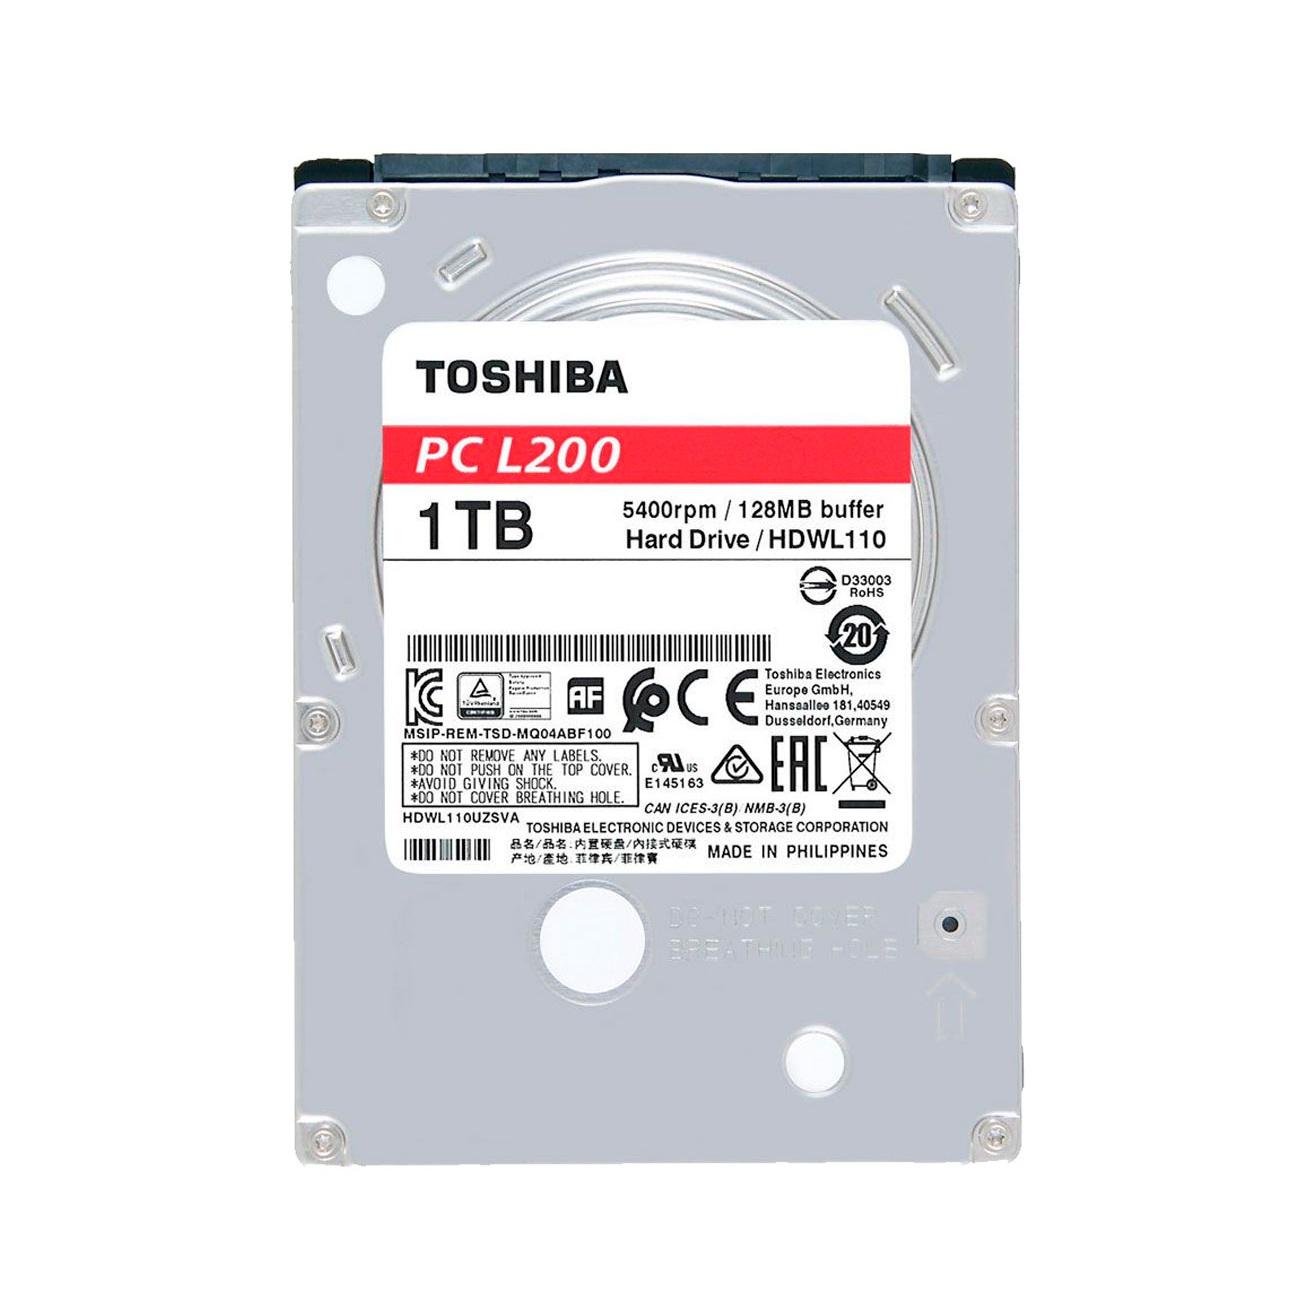 DISCO DURO TOSHIBA PCL200 1TB LAPTOP